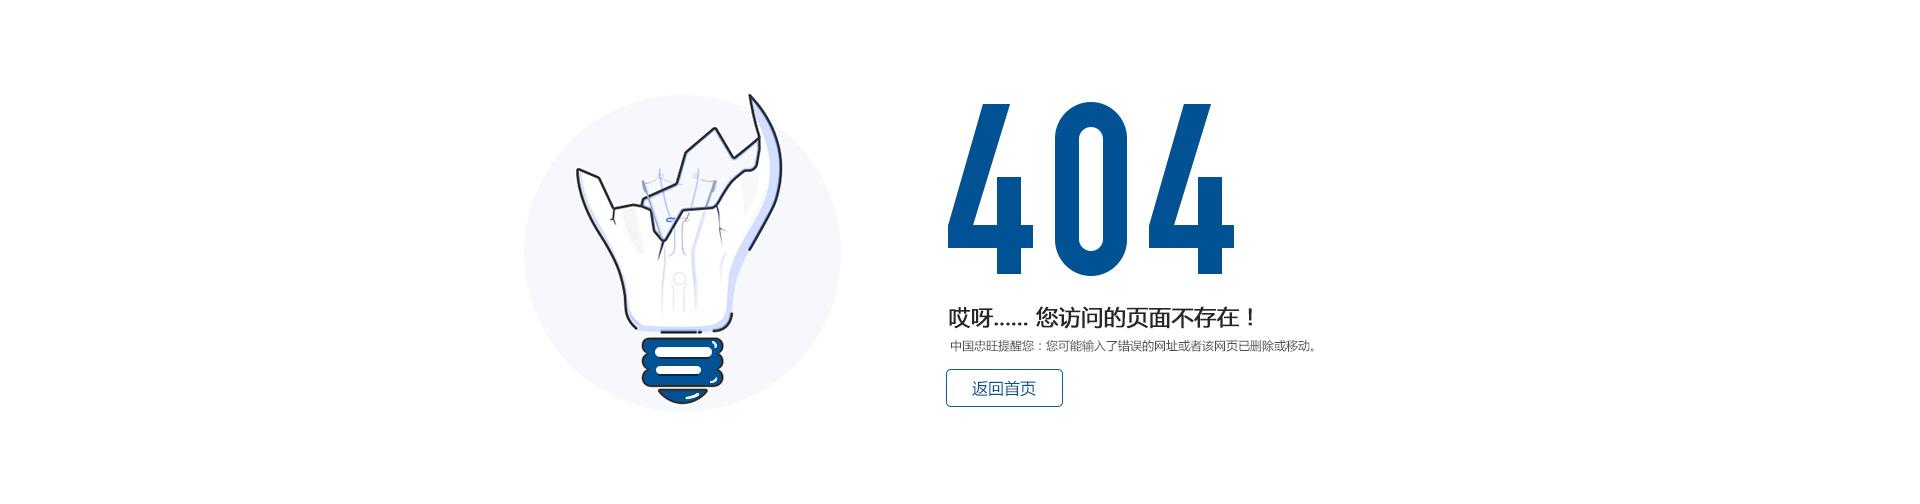 香港股票分析師協會-上市公司年度大獎2018